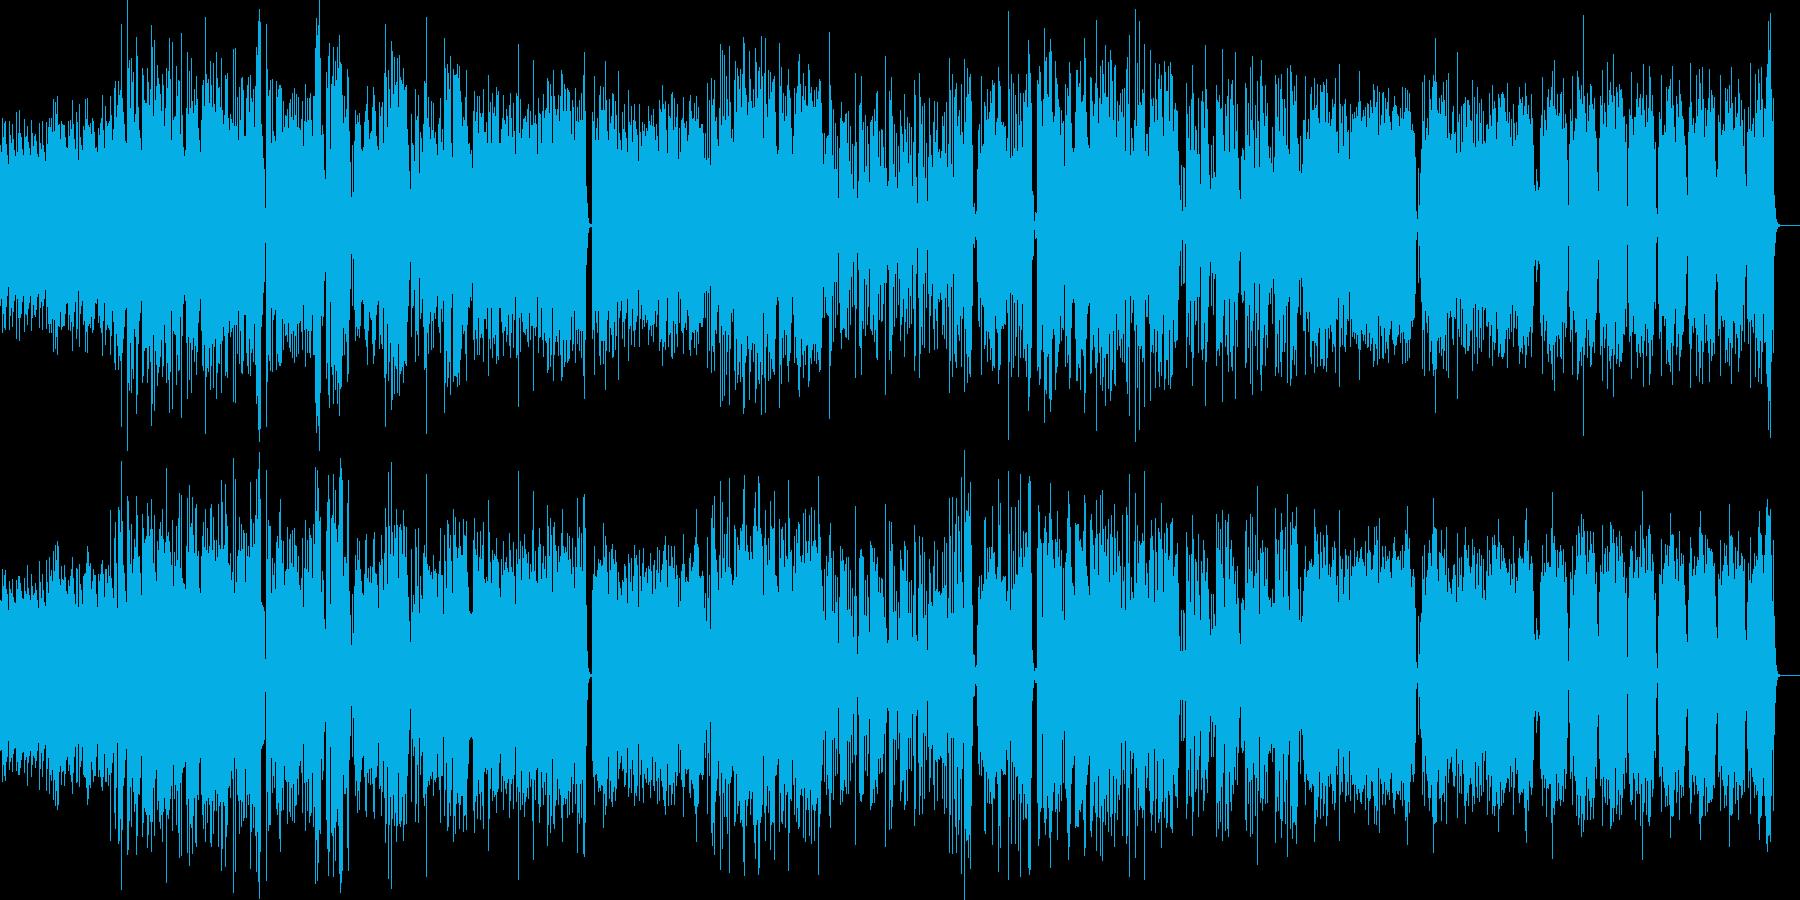 躍動感 おしゃれジャズグルーブ バンド風の再生済みの波形